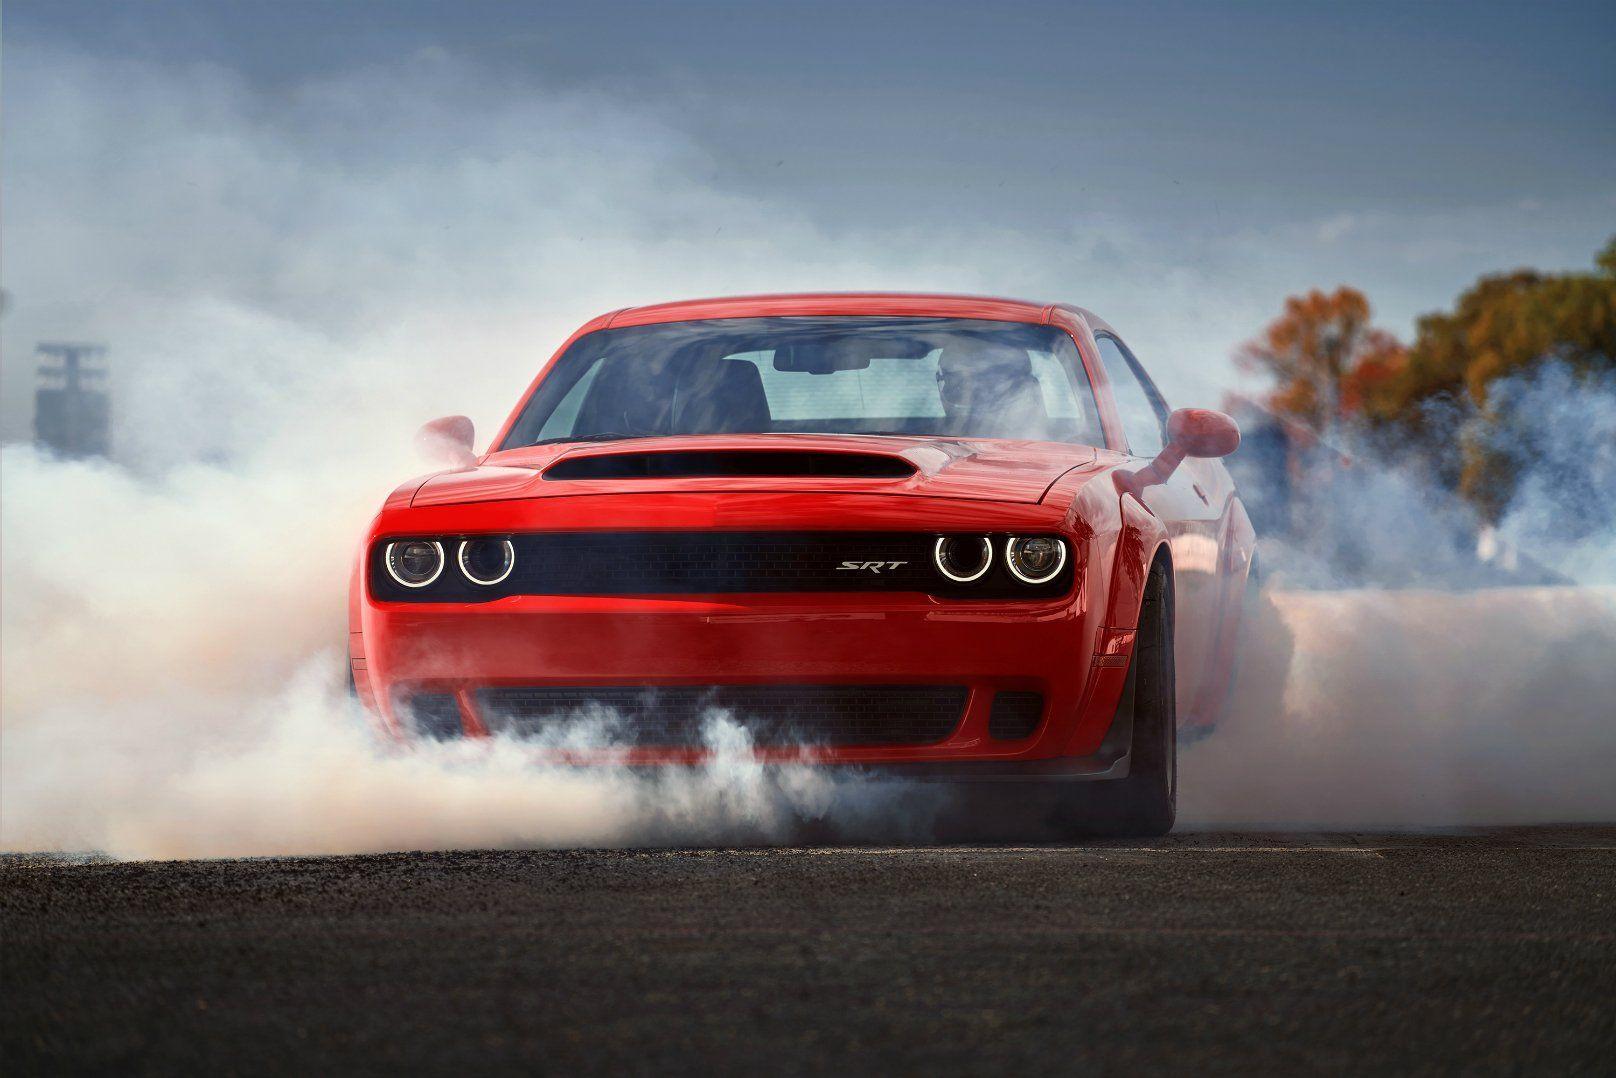 Dodge Drift Wallpapers Top Free Dodge Drift Backgrounds Wallpaperaccess